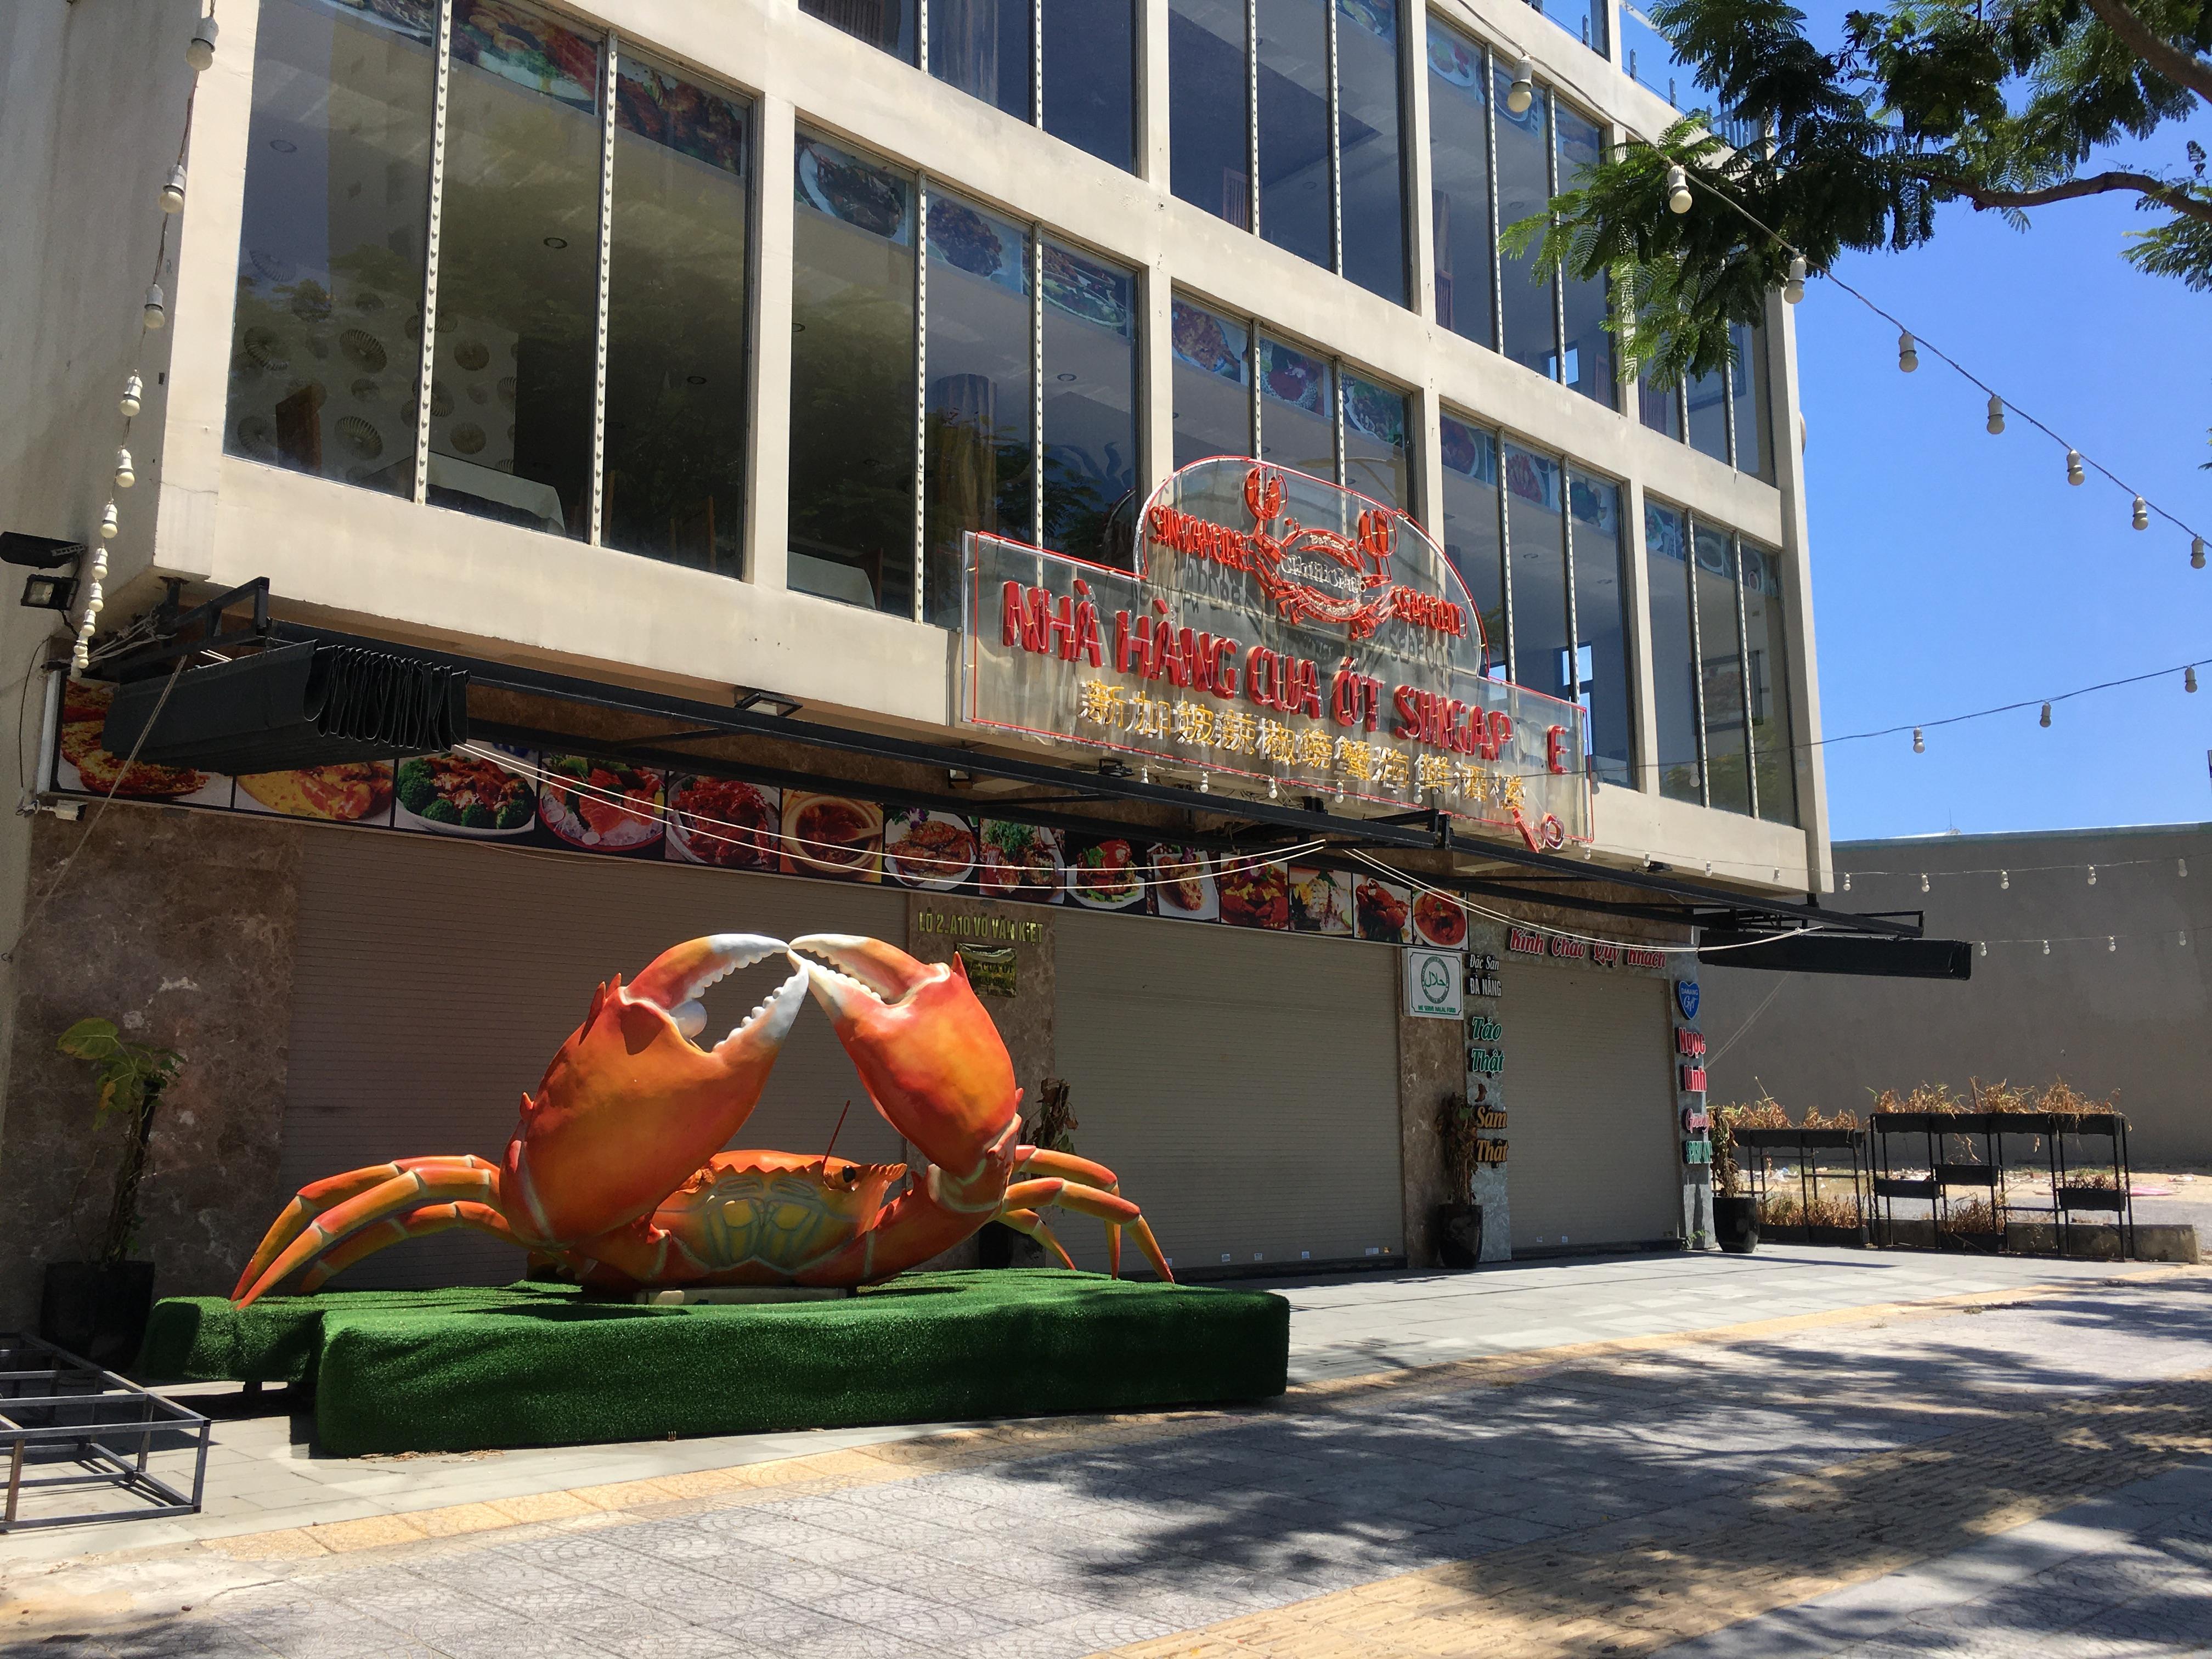 Quán xá Đà Nẵng đông khách cho phục vụ ăn uống tại chỗ sáng 11/9 - Ảnh 8.